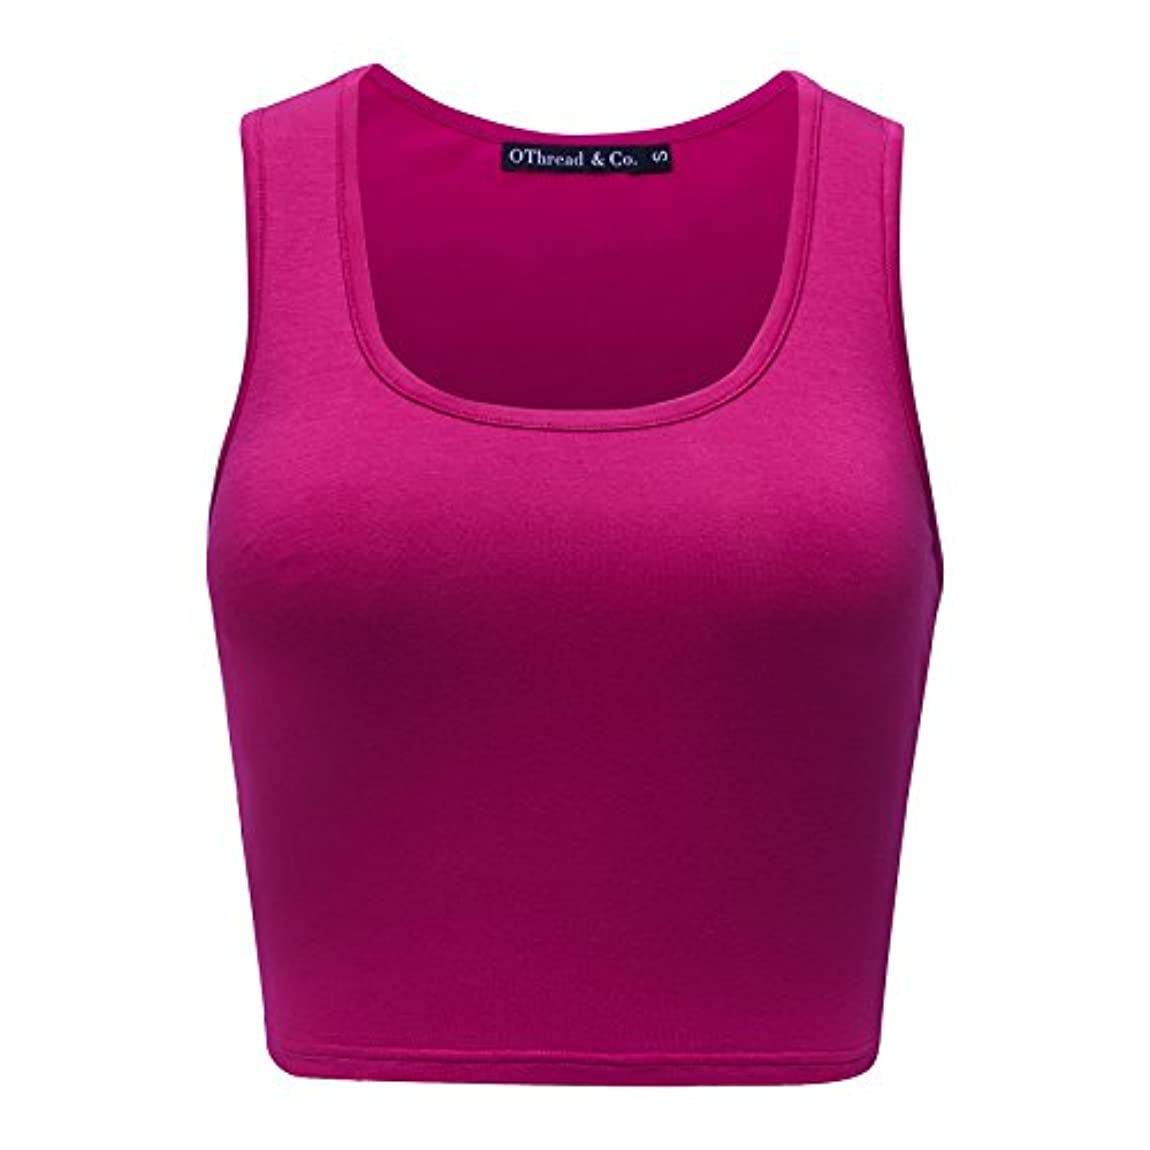 虚栄心韓国まぶしさOThread & Co. SHIRT レディース US サイズ: Small カラー: ピンク